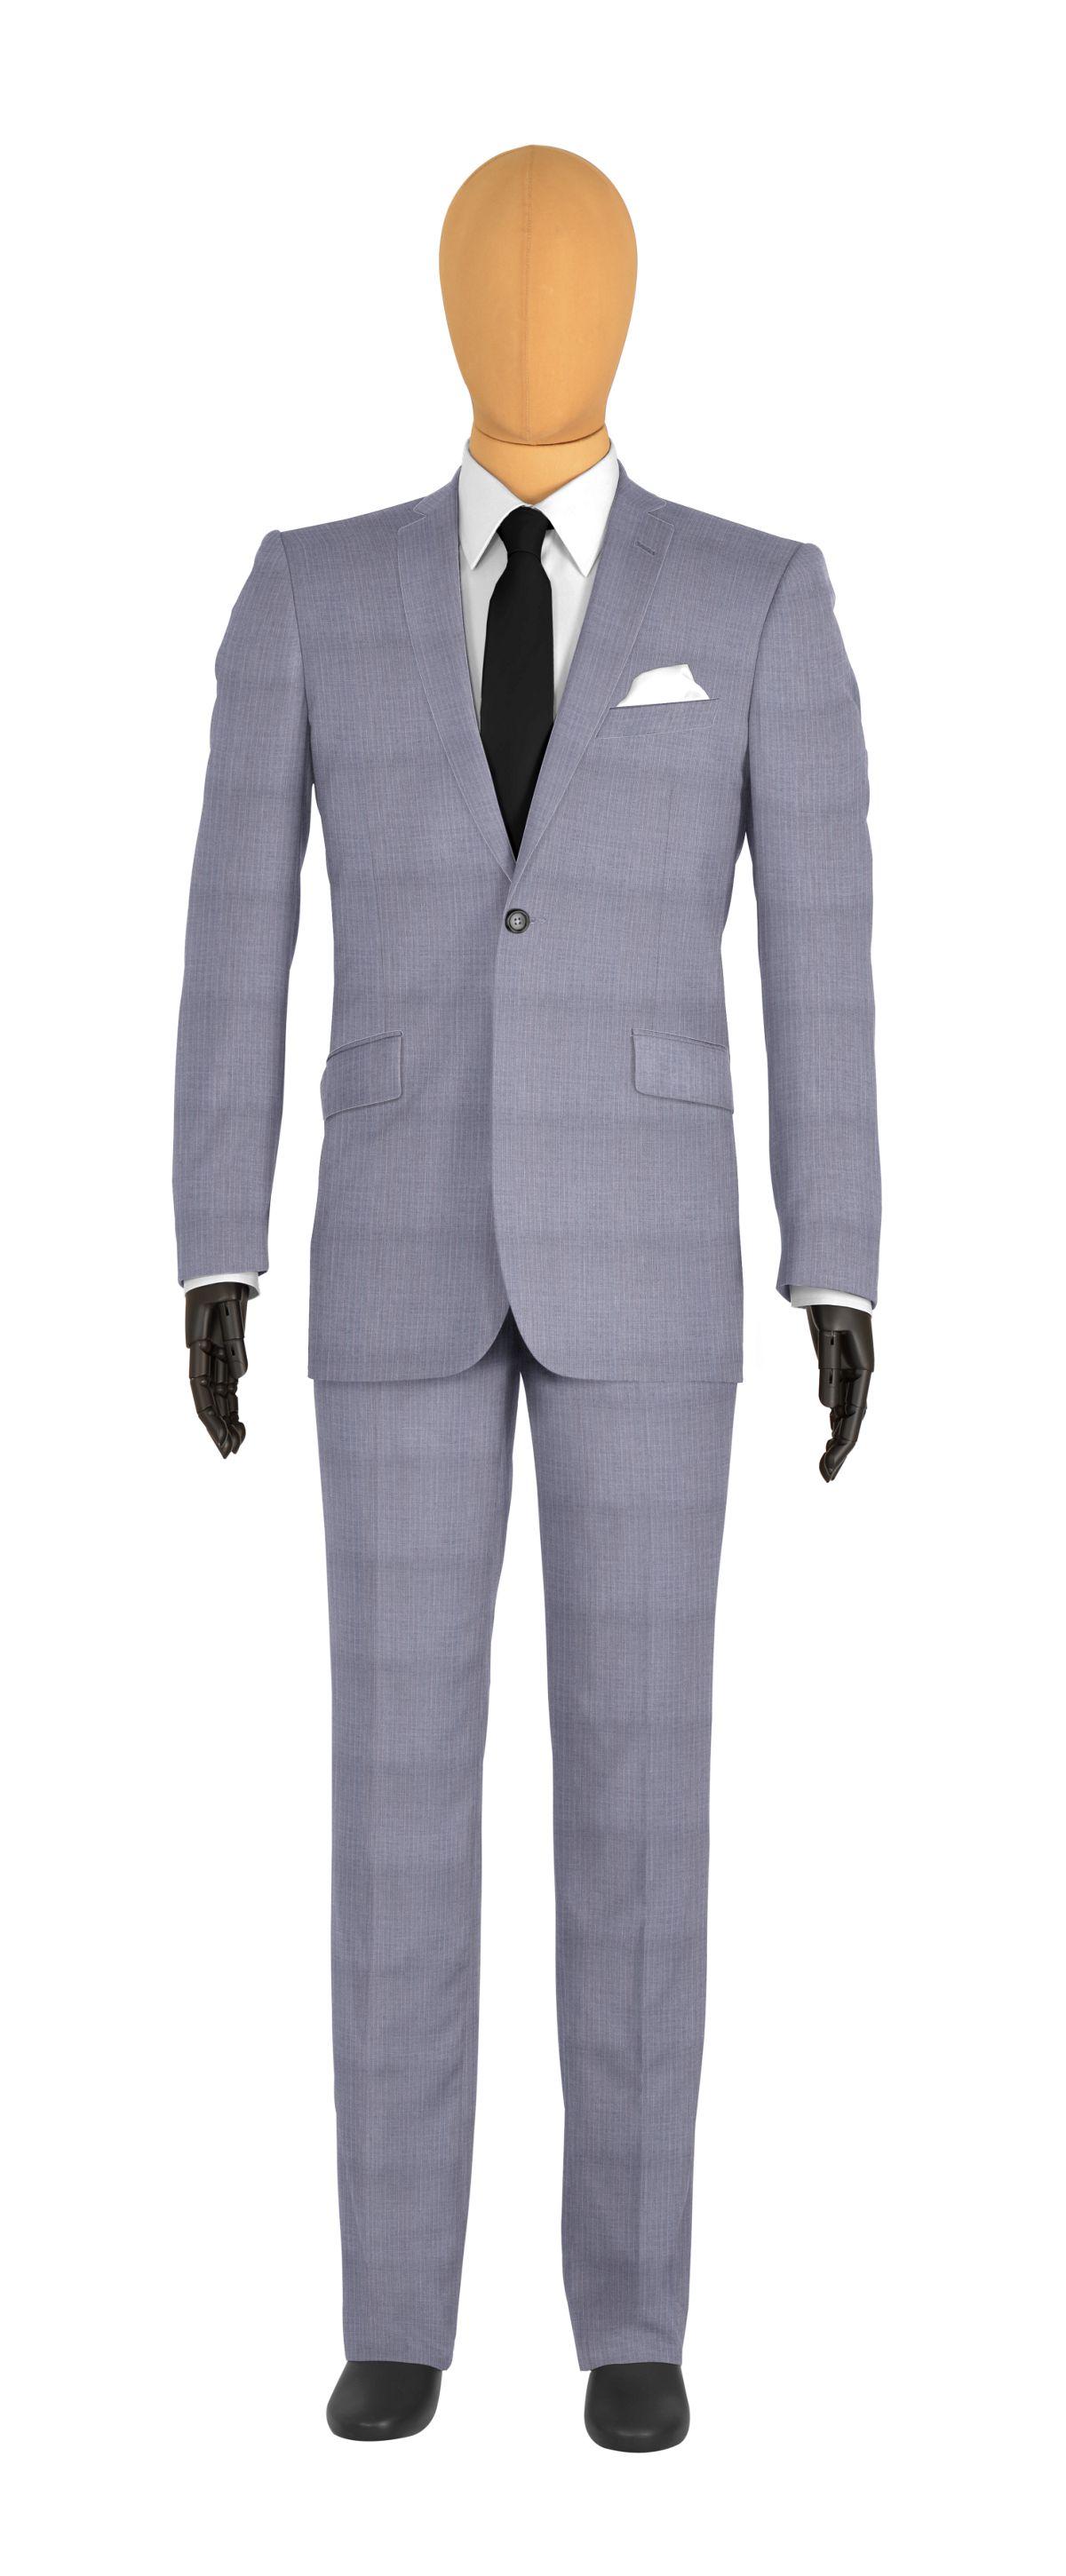 veste 1 bouton sur mesure pour homme gris clair, gris rayé